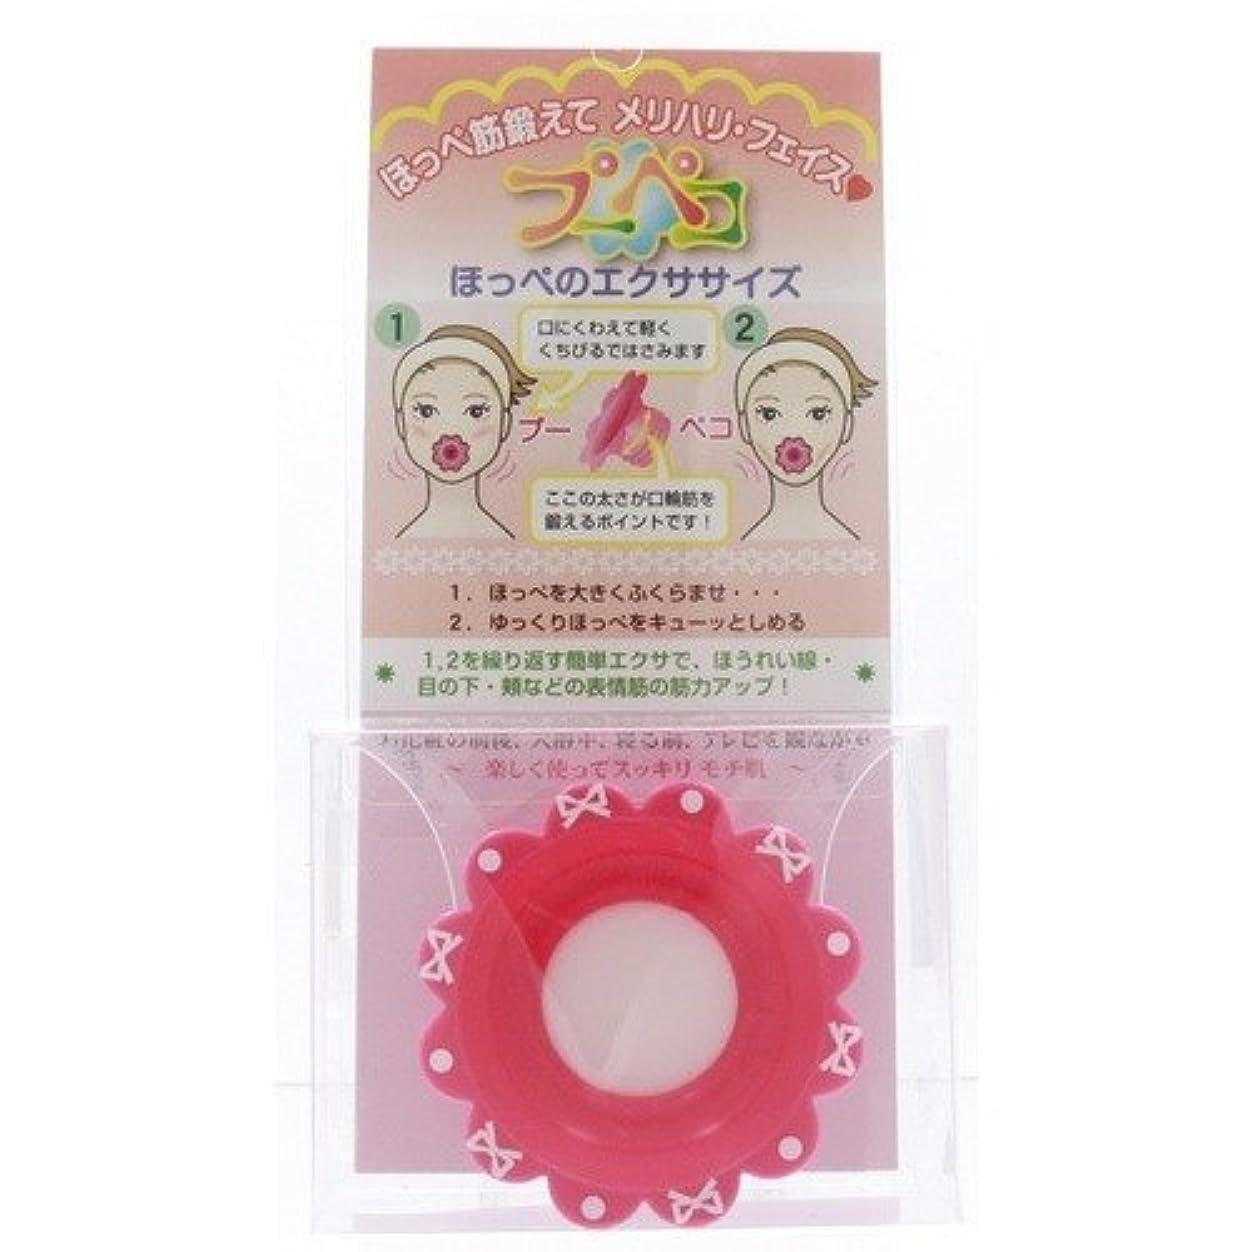 香ばしいハッチ頑張るプーペコ ほっぺのエクササイズ ピンク